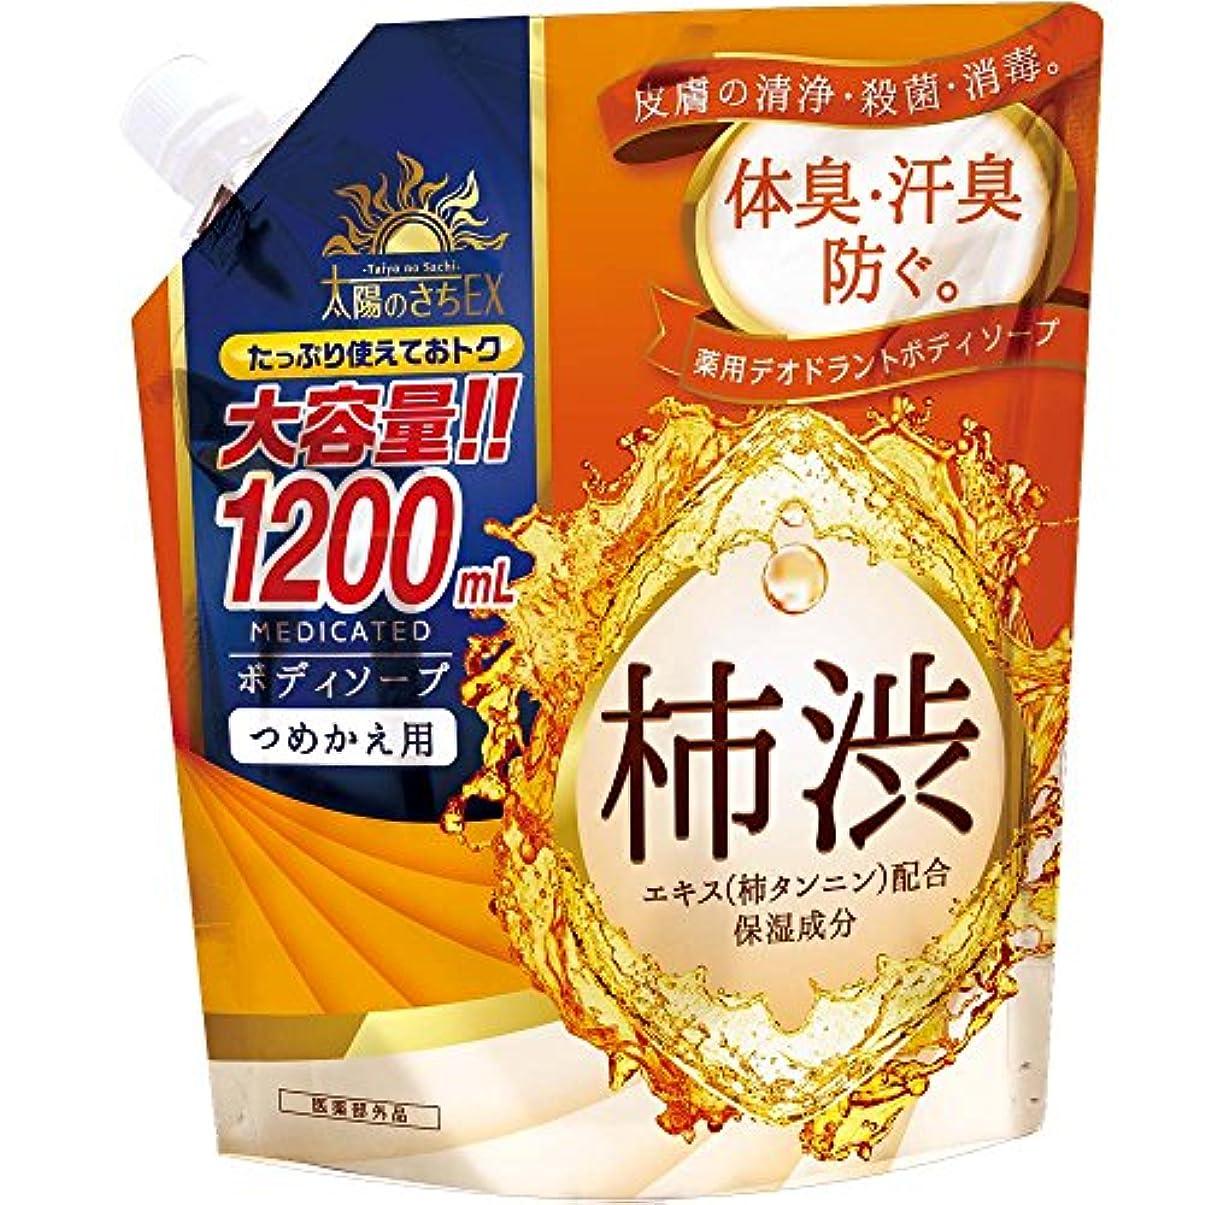 薬用太陽のさちEX柿渋ボディソープ 大容量 1200mL